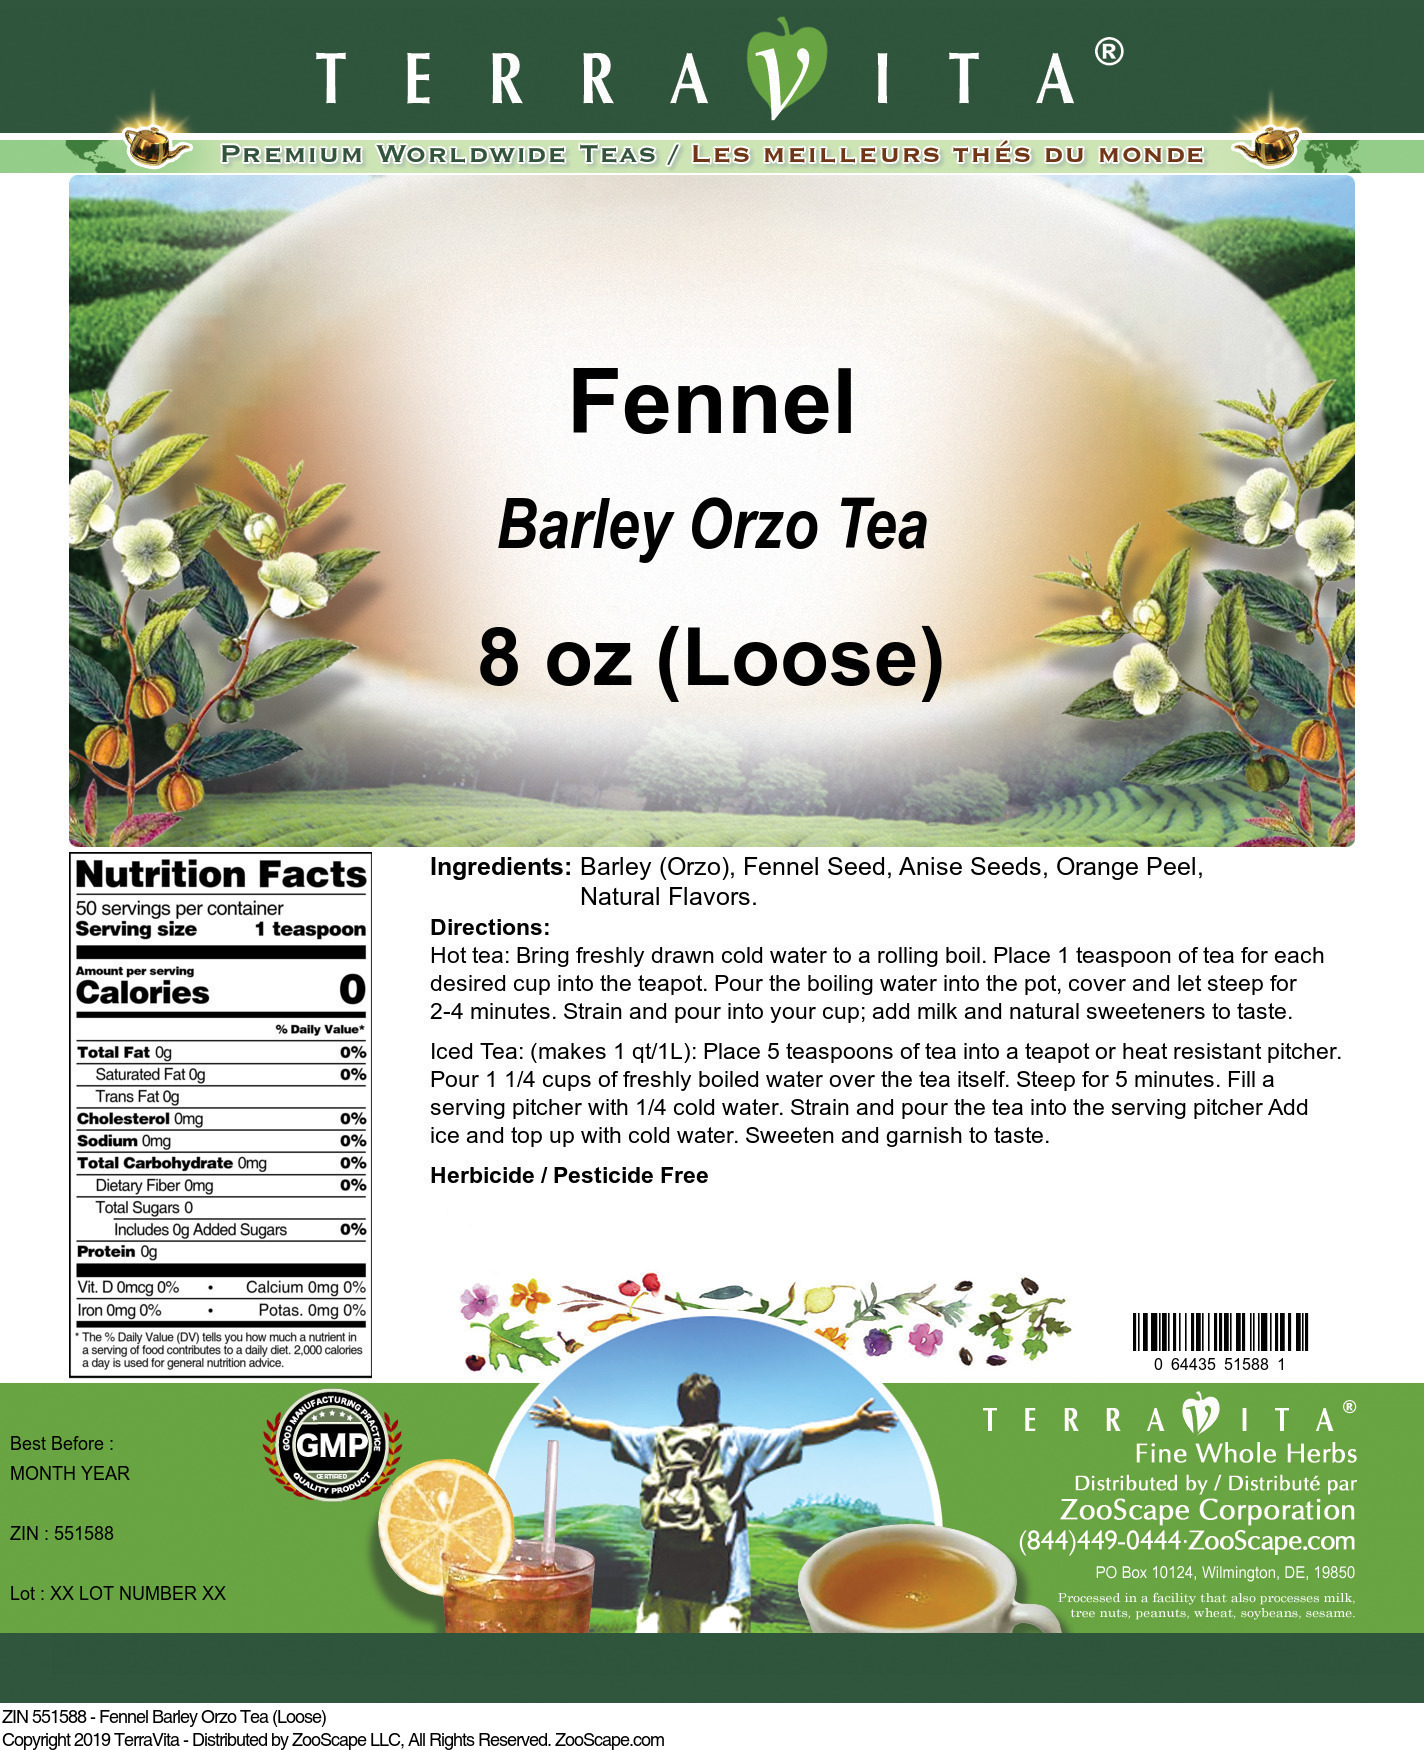 Fennel Barley Orzo Tea (Loose)